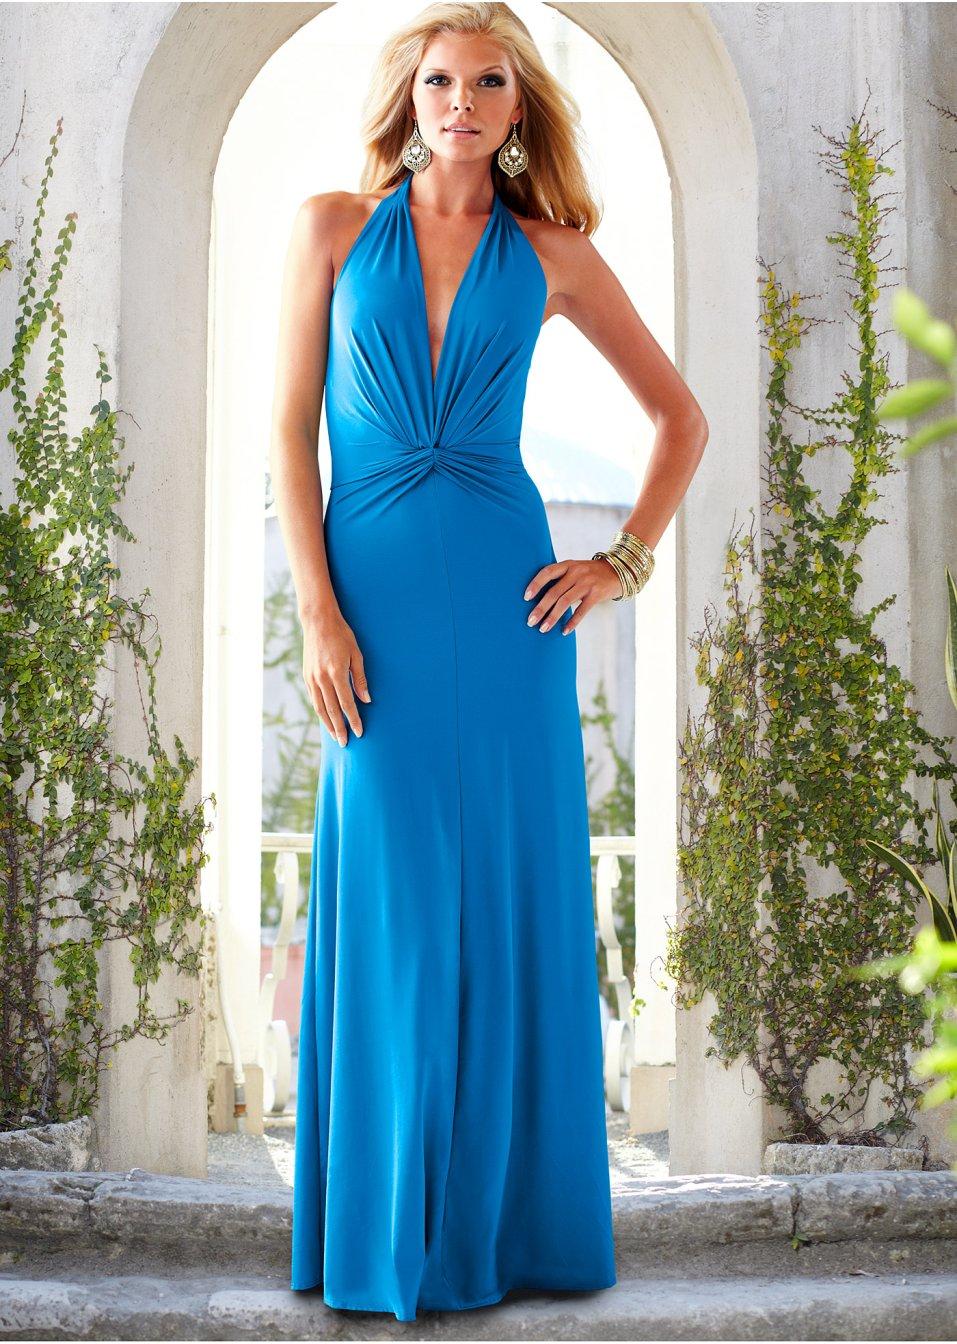 Abendkleider günstig in Online Shops bestellen, unsere Empfehlungen ...